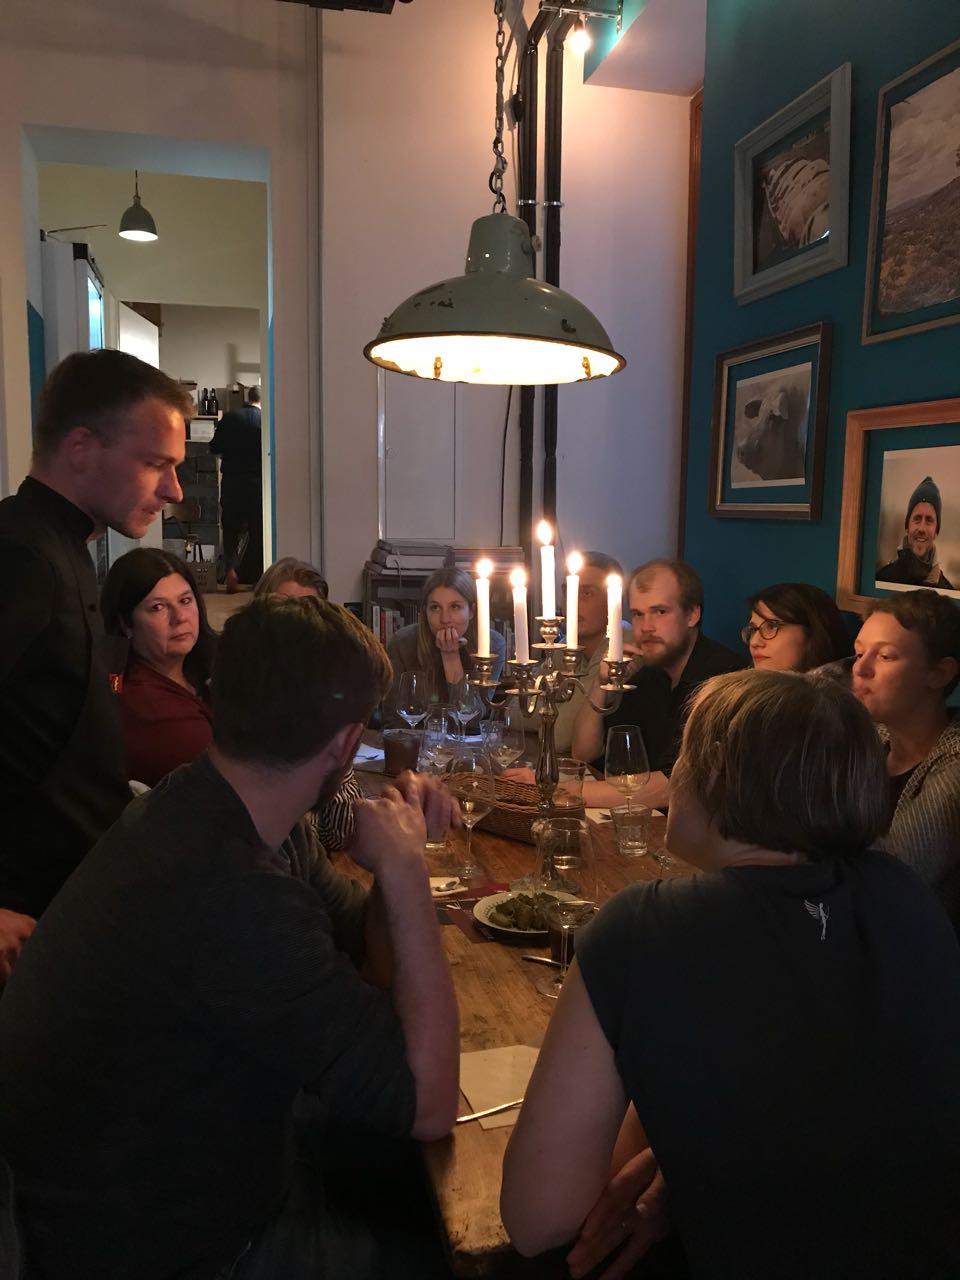 """Ein kulinarischer Abend mit Herz & Niere - Es war ein schöner Abend mit unseren Freunden Christoph und Michael vom Restaurant Herz & Niere, die das """"Nose-to-Tail"""" in Berlin perfektionieren. In verschiedenen Gängen gab es ihre Wurst & Fleisch Köstlichkeiten und ihre Weck die Heimat Gerichte. Dazu die passenden Weinen aus unserem geliebten Weinregal."""